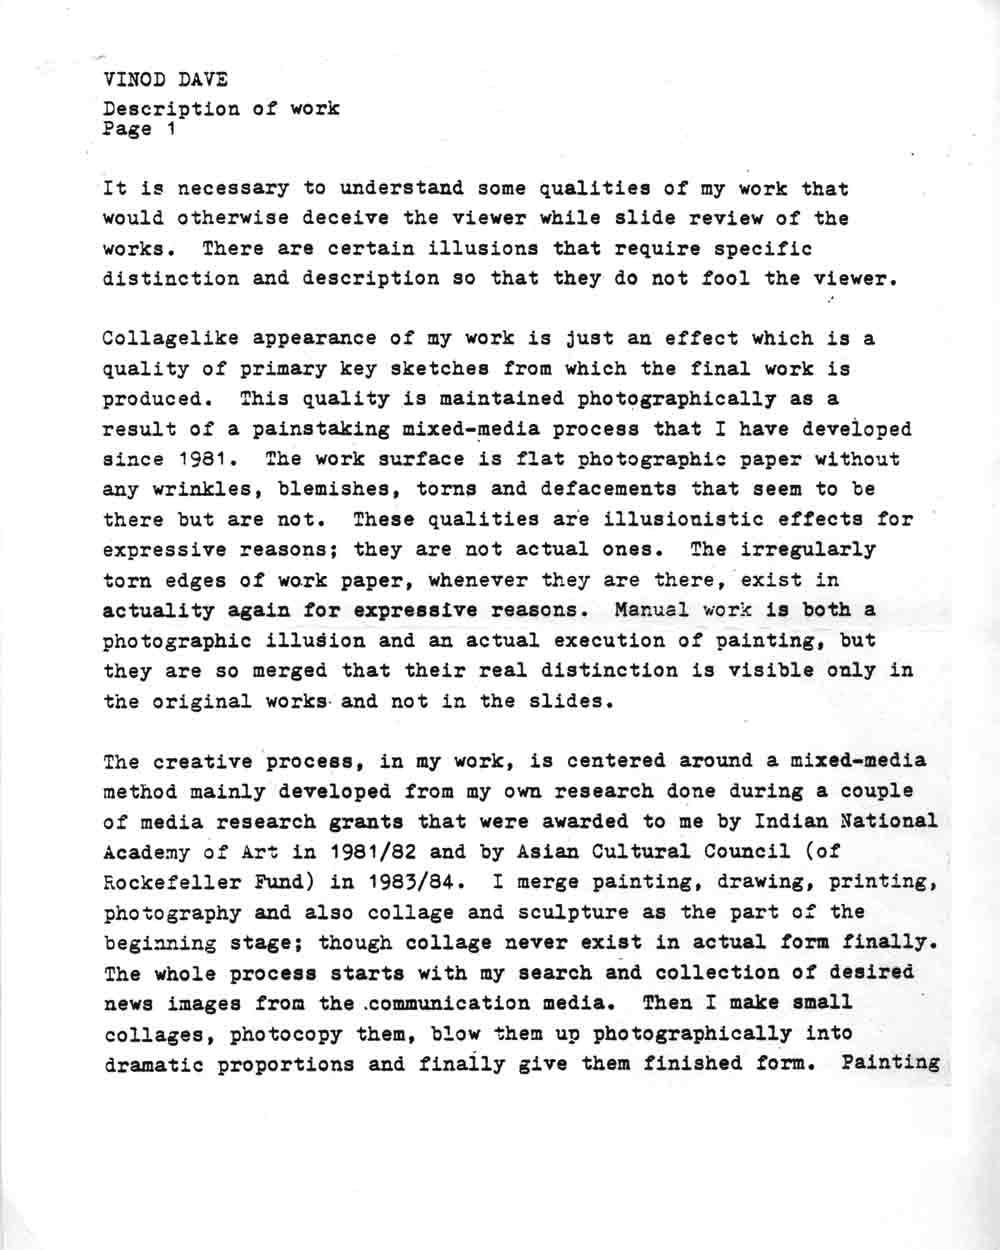 Vinod Dave's Artist Statement, pg 2